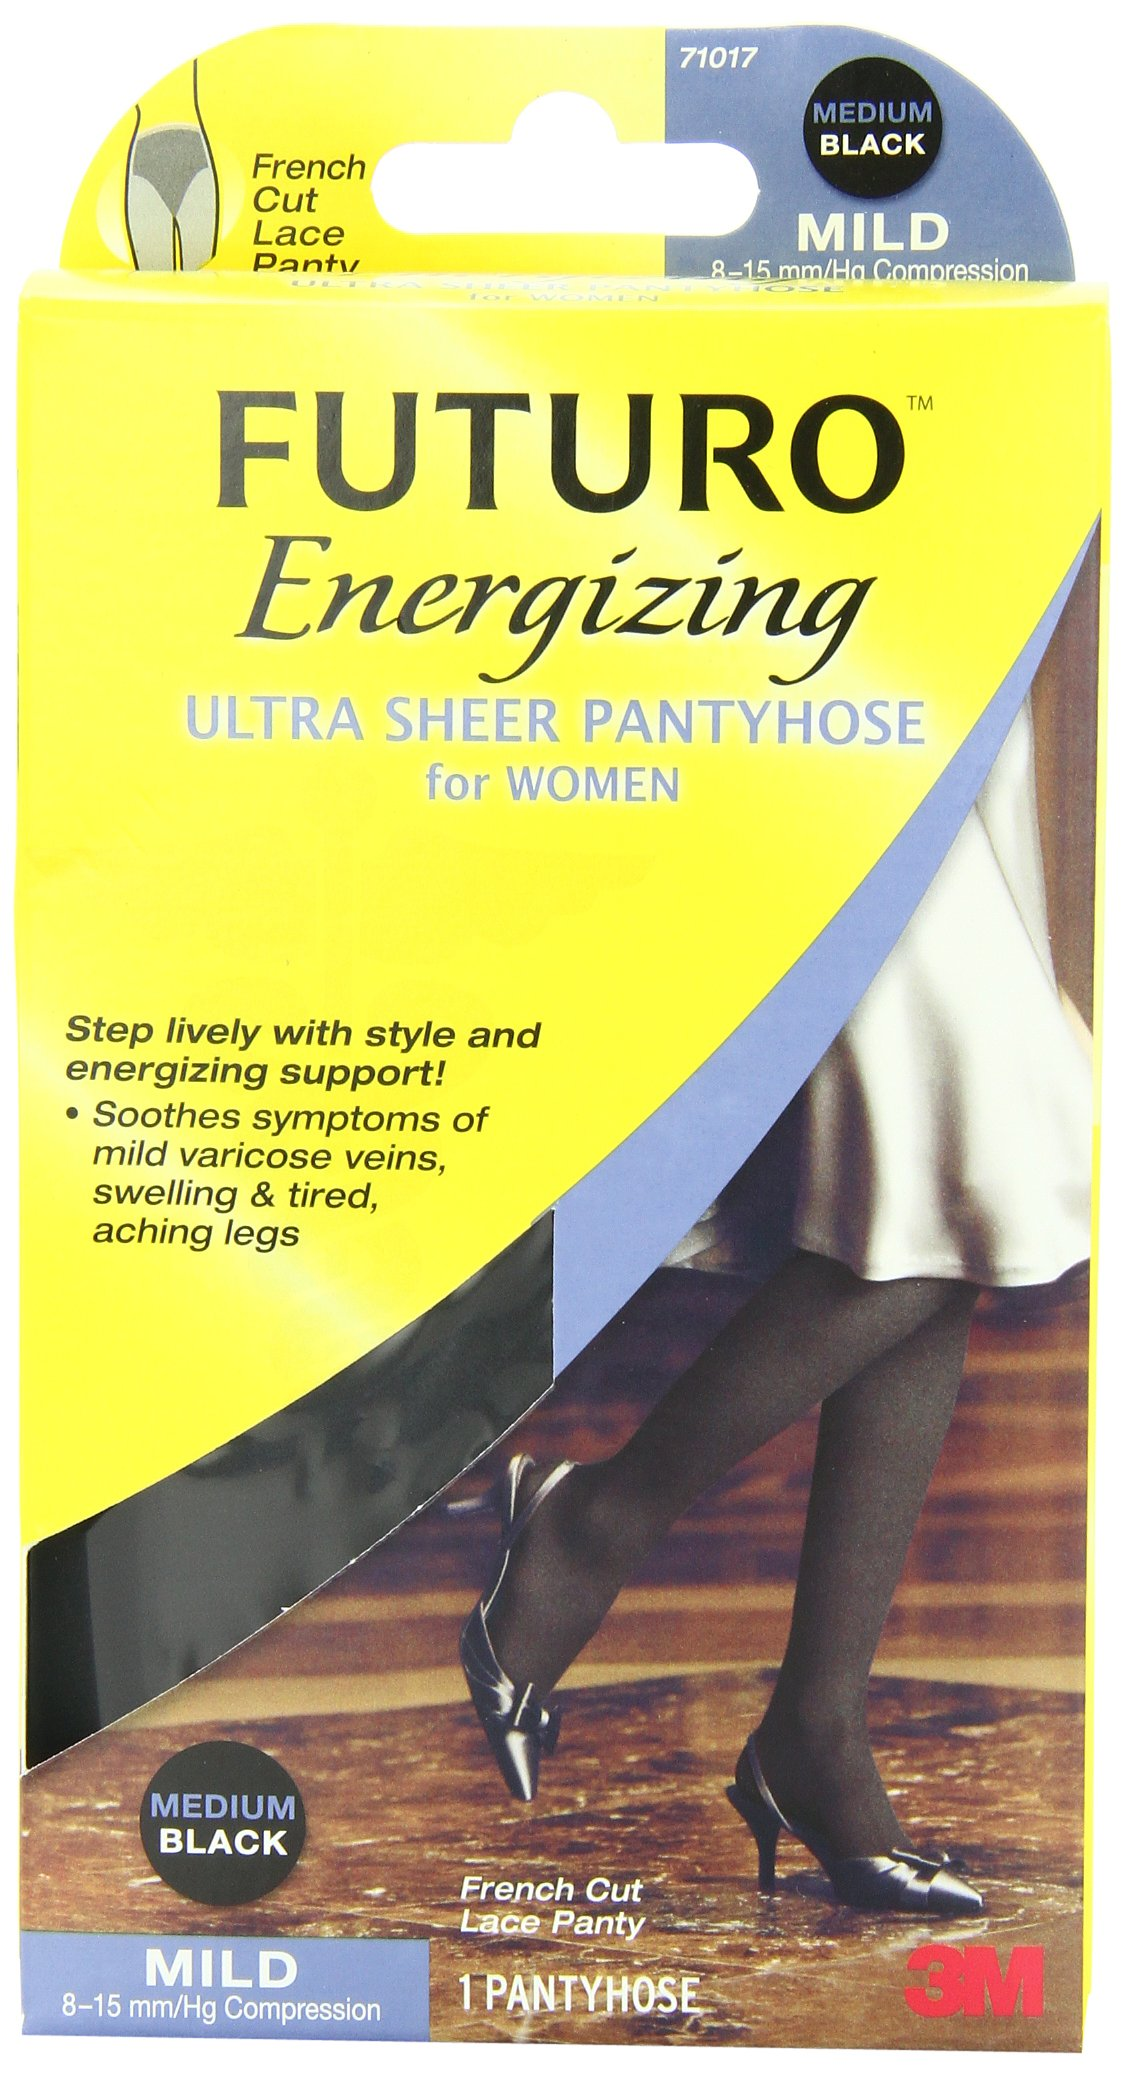 b70b0cd281d Amazon.com  Futuro Energizing Ultra Sheer Pantyhose for Women